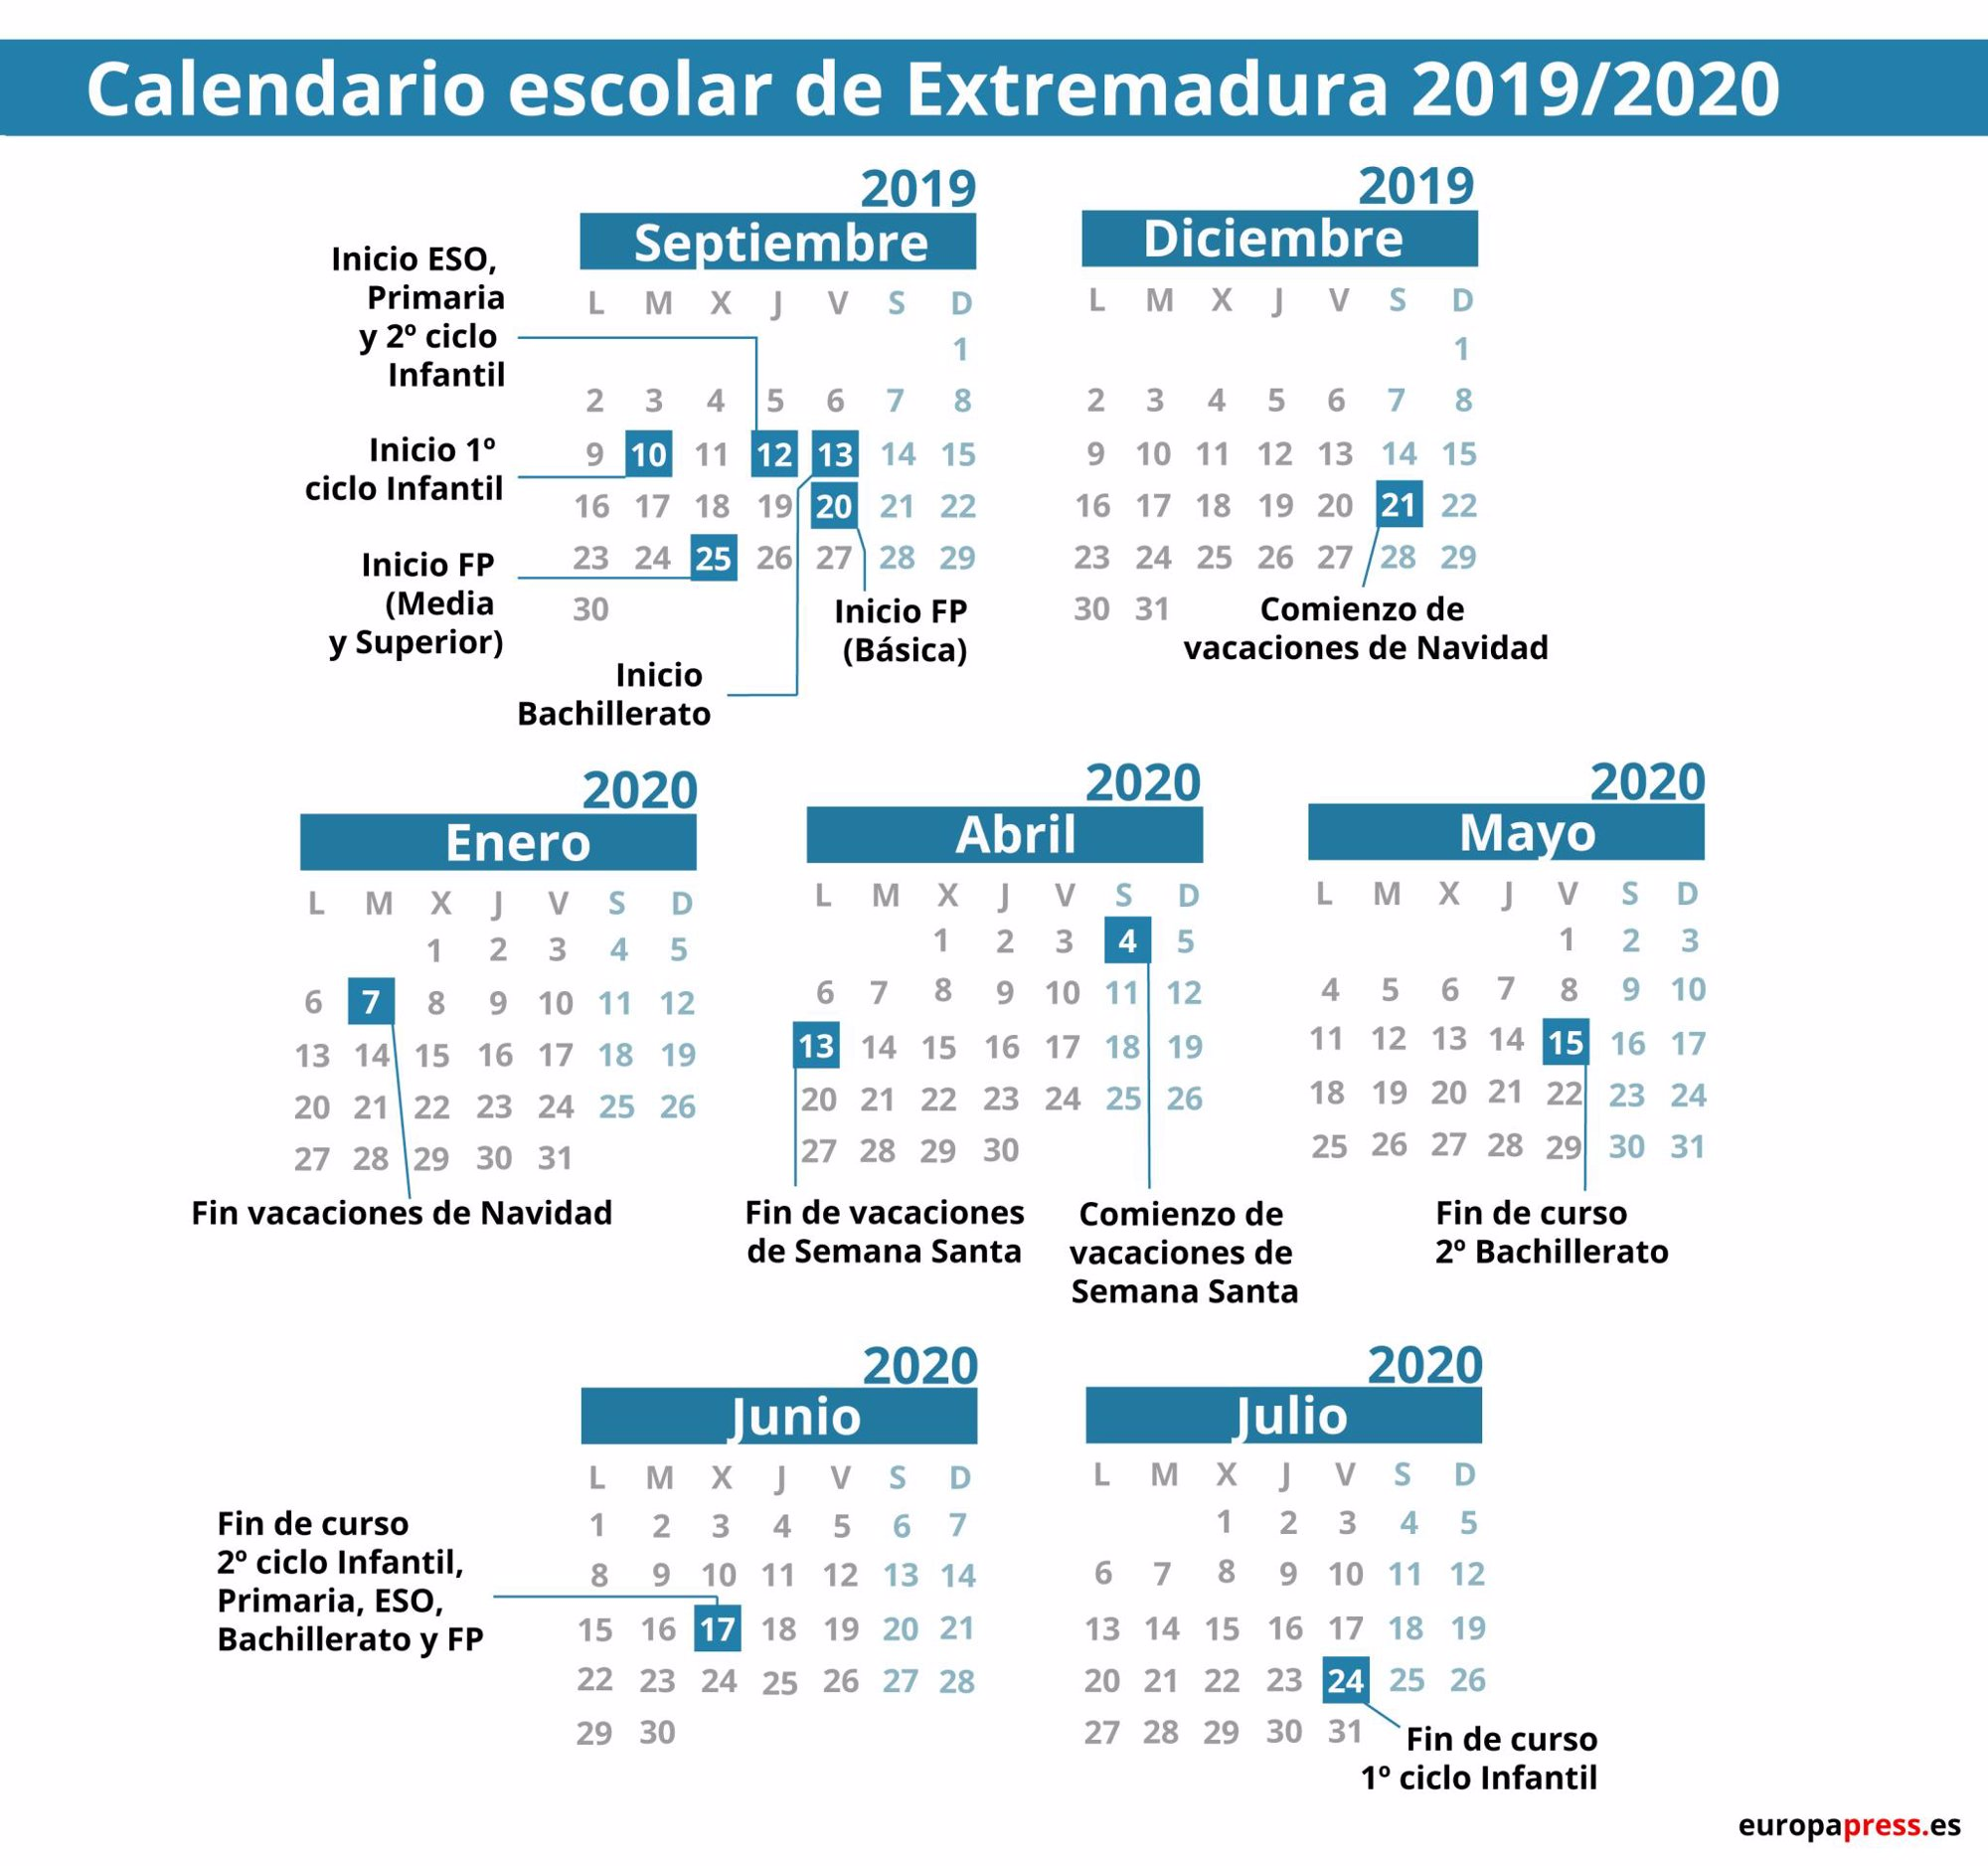 Calendario Loteria Nacional 2020.Calendario Escolar En Extremadura 2019 2020 Navidad Semana Santa Y Vacaciones De Verano